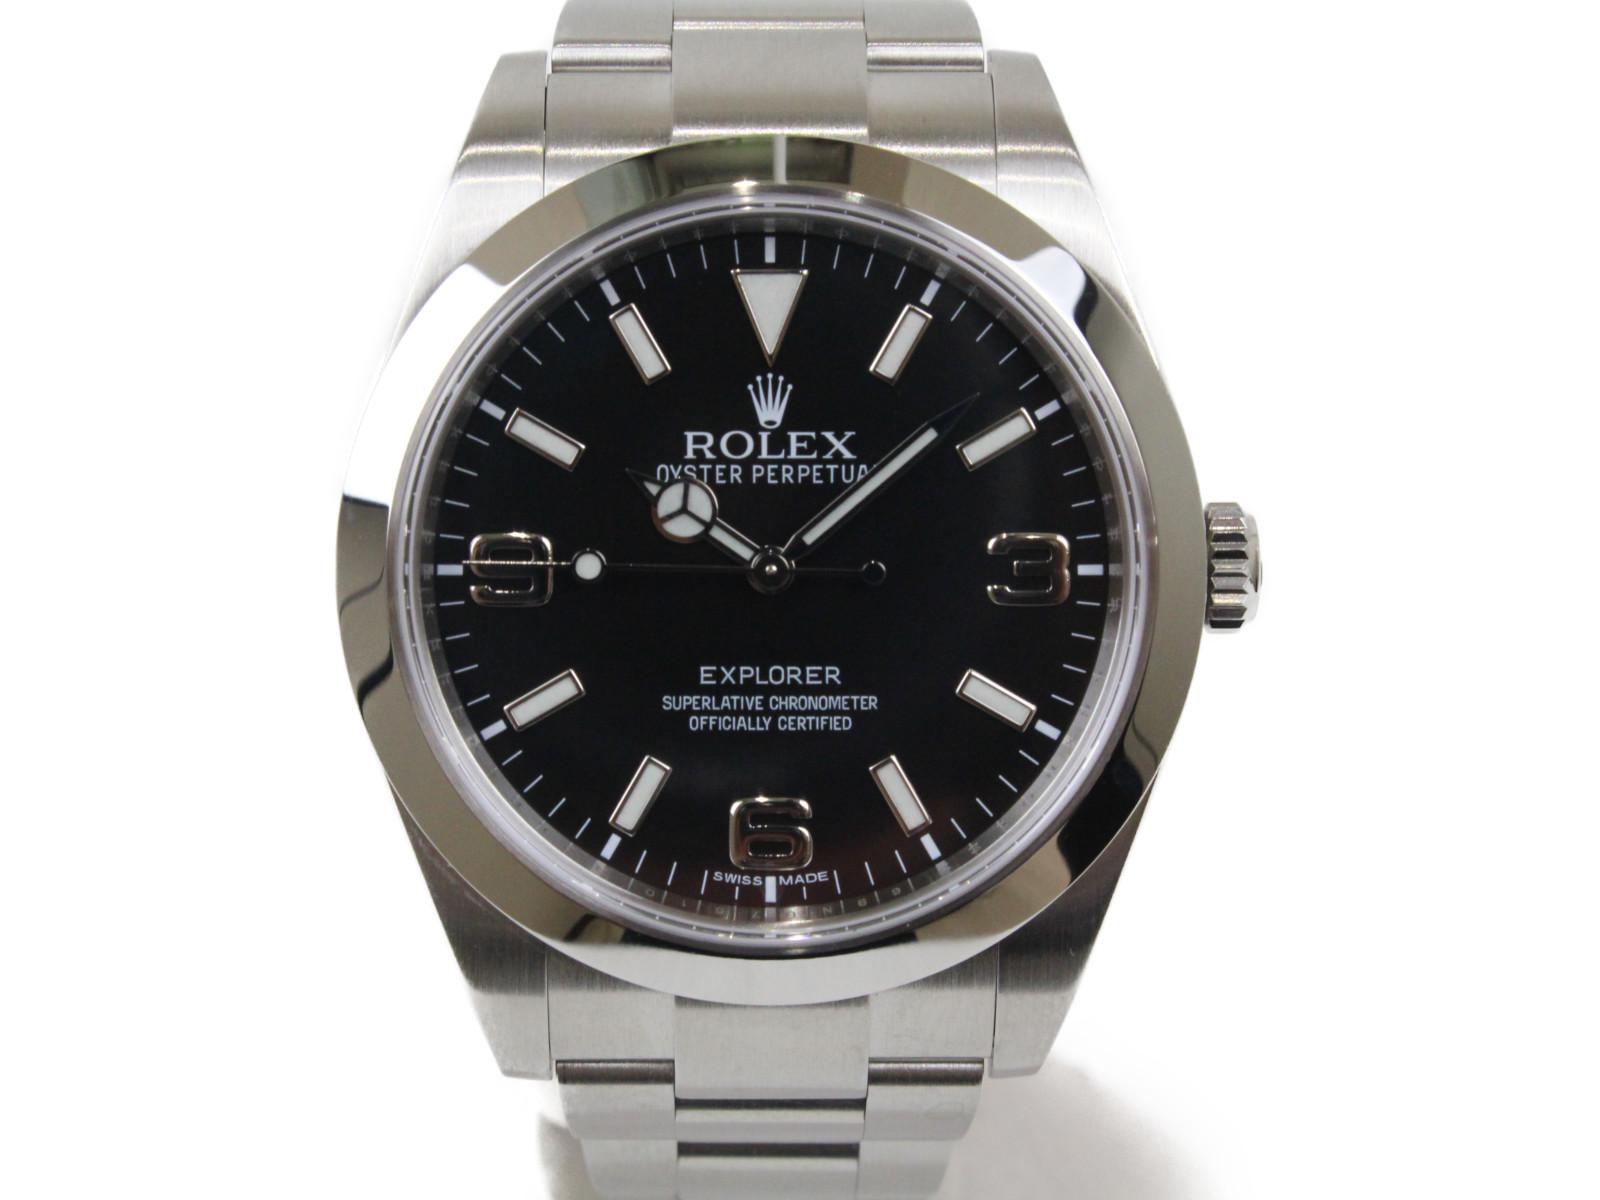 ROLEX ロレックス エクスプローラーI 214270 ランダム 2015年 自動巻き SS ステンレススチール ブラック メンズ 腕時計【中古】